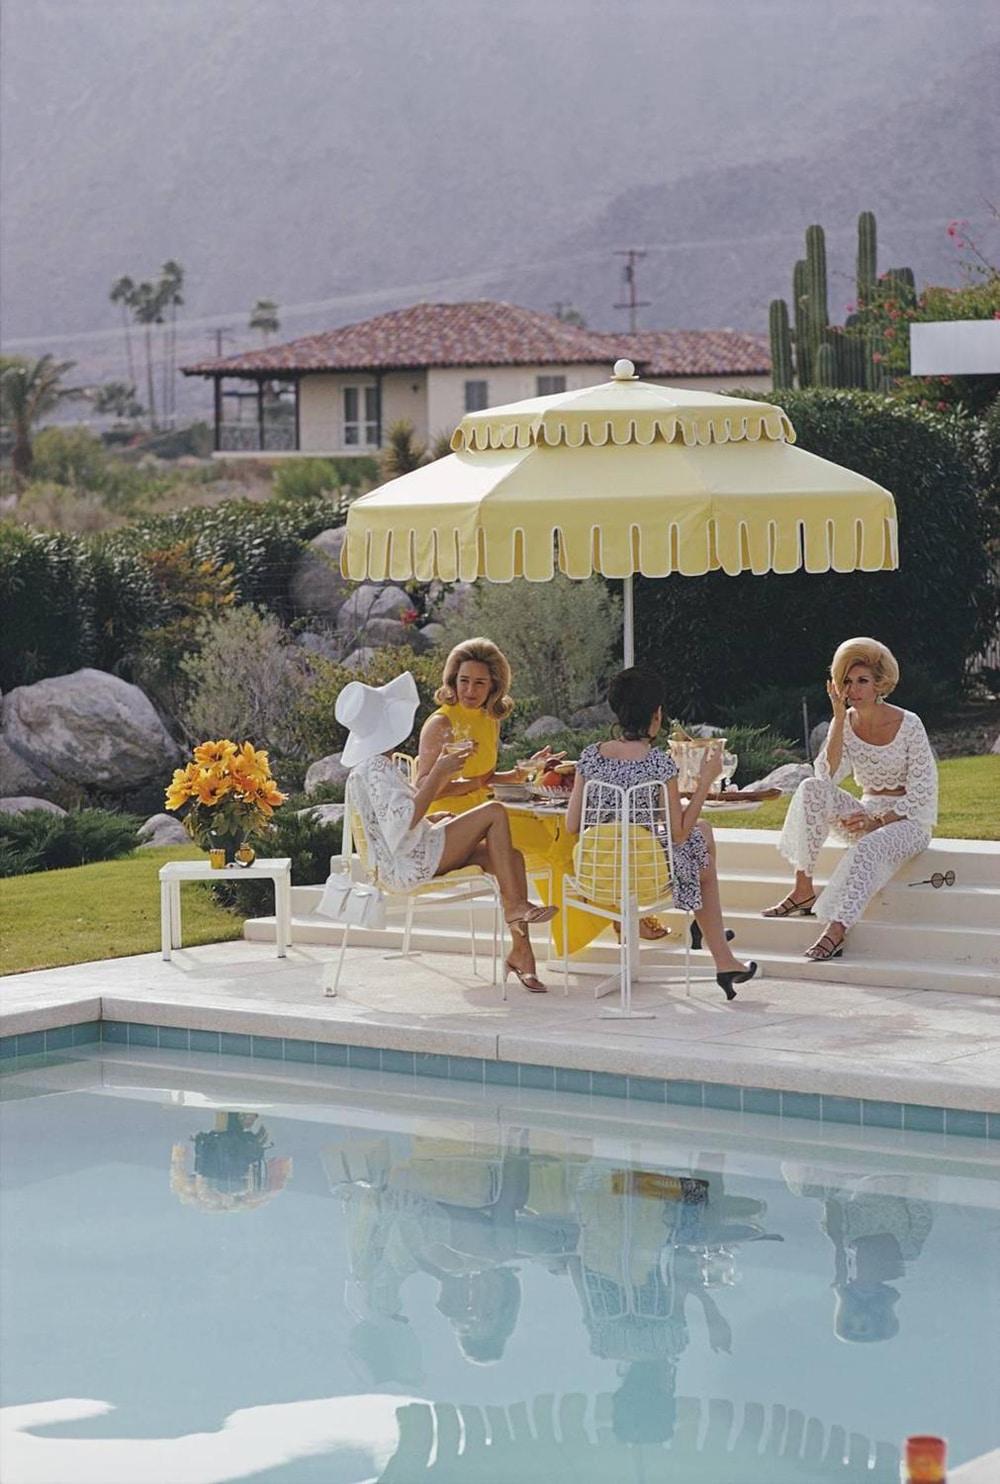 Slim_Aarons_Nelda-and-Friends_Palm Springs